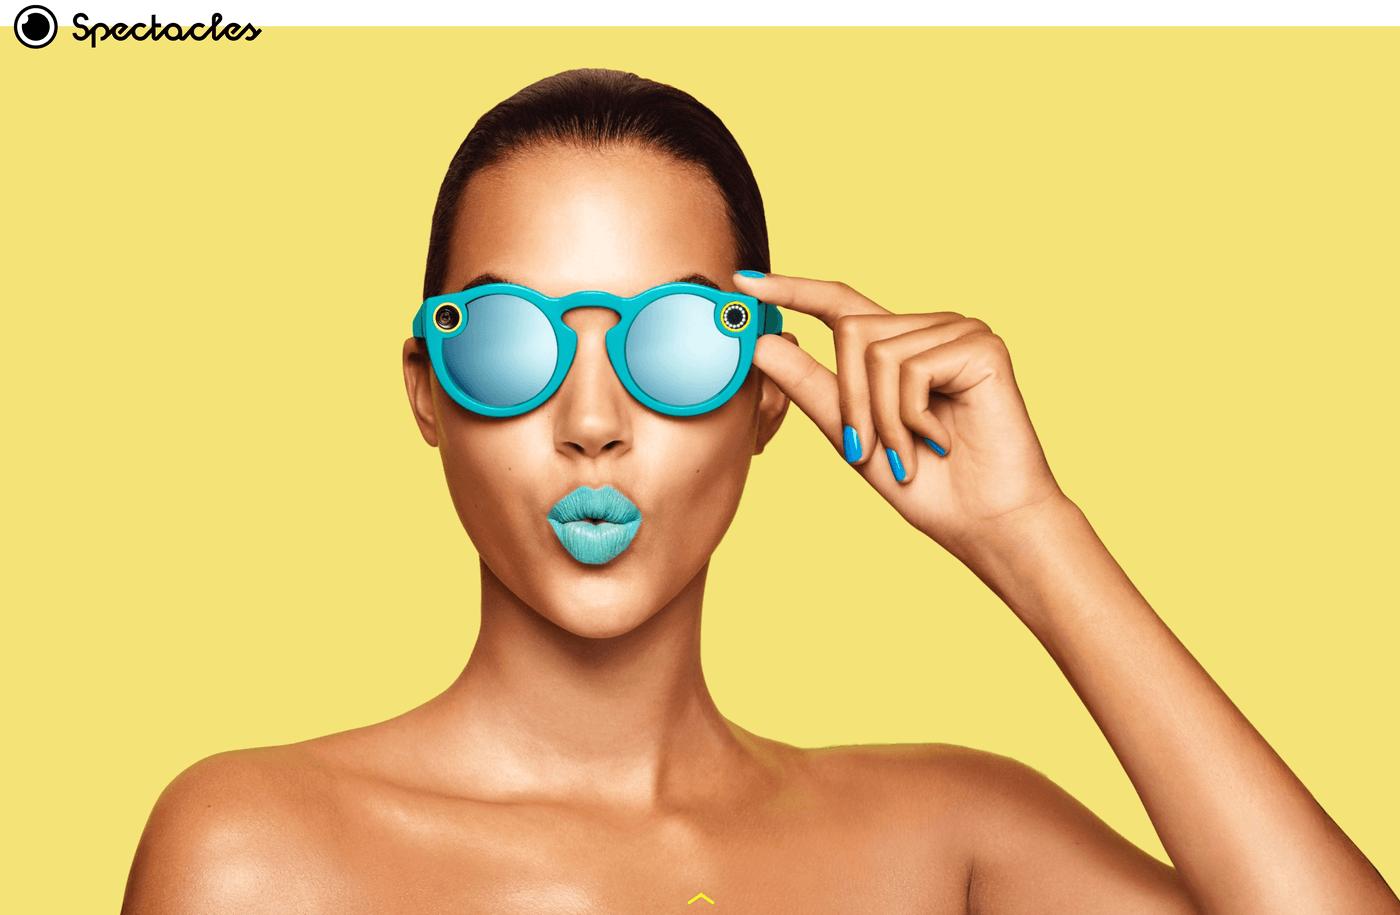 snapchat sunglasses 5 (1)